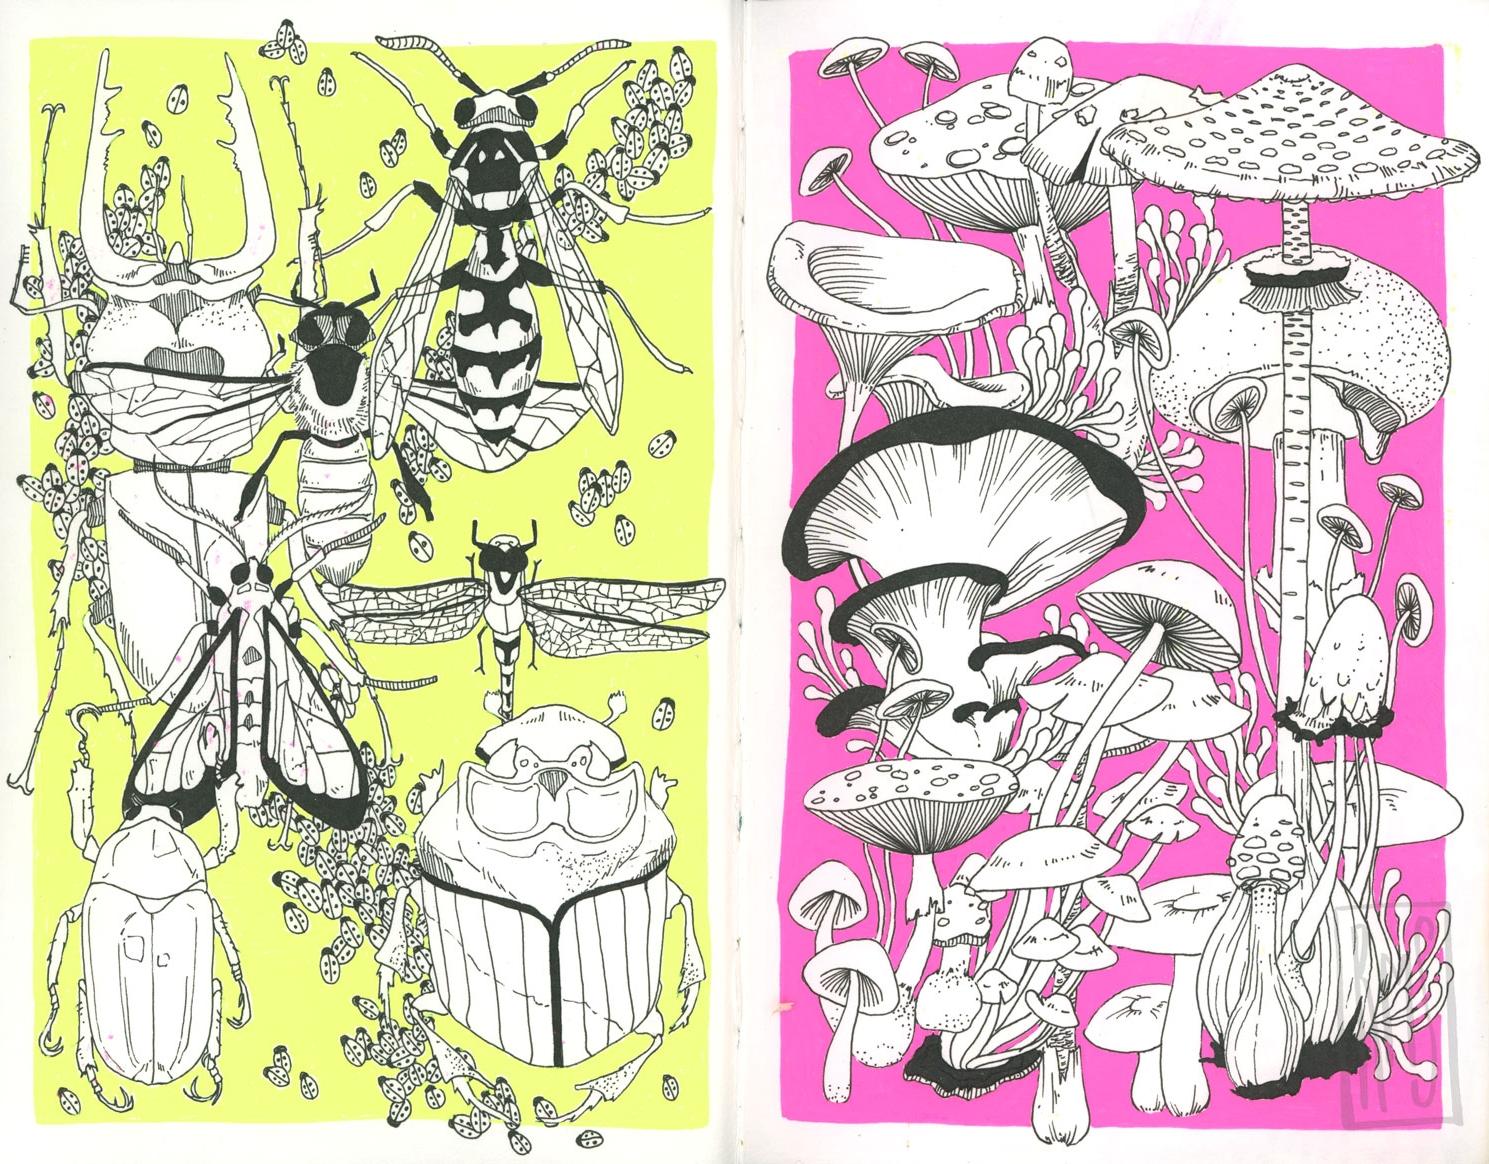 Bugs_Mushrooms_Web.jpg